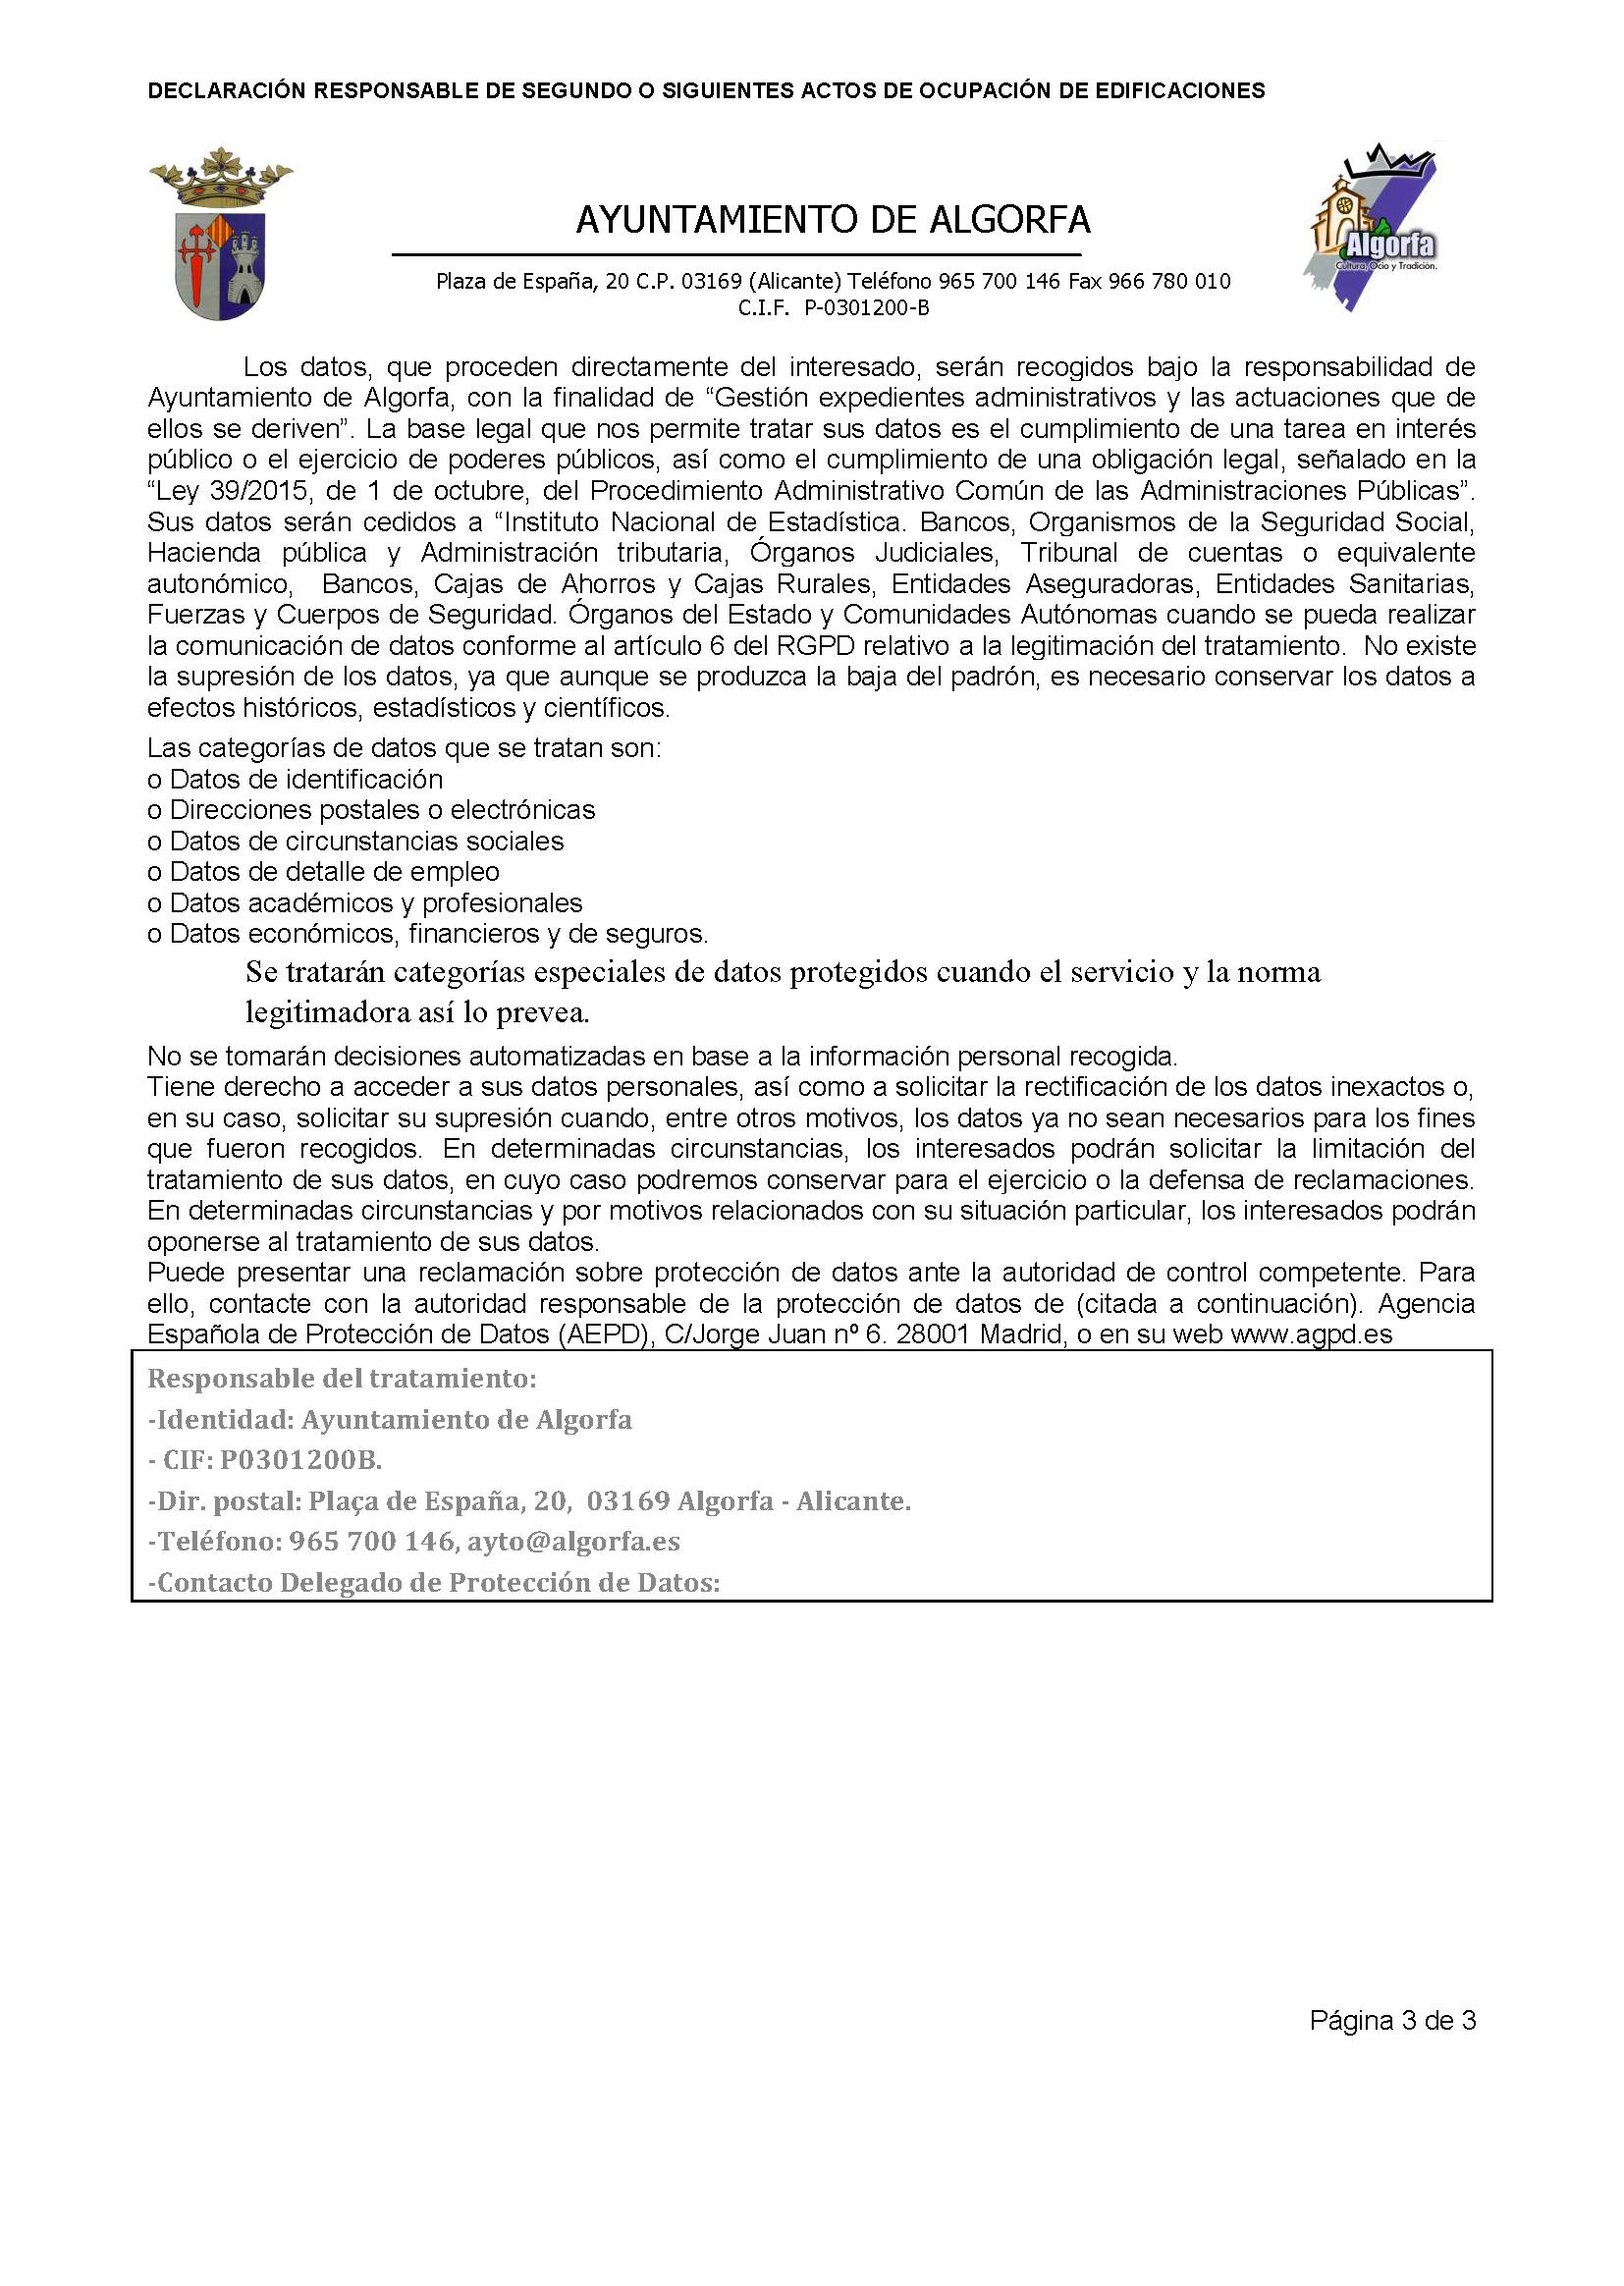 Impreso Declaración Responsable Segunda Ocupación Algorfa